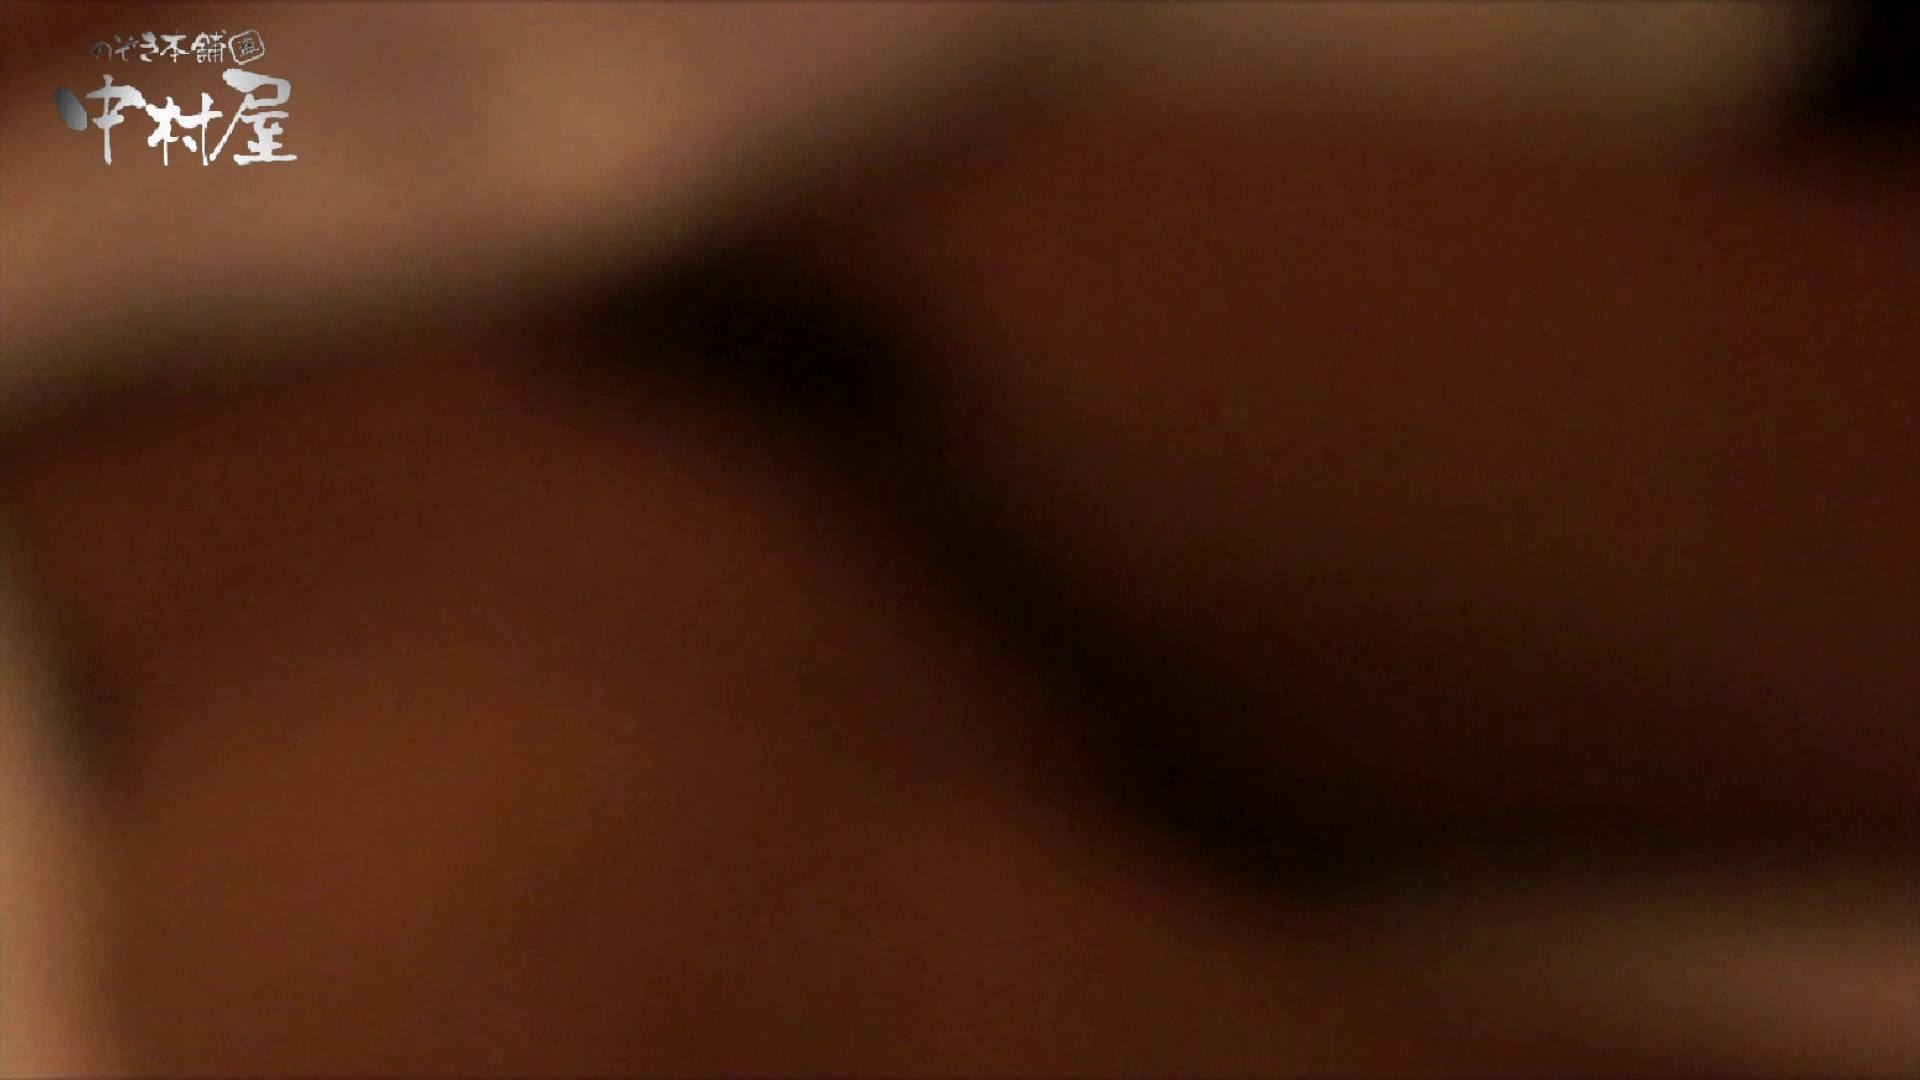 欲望 リアルドール Case.09 Mちゃん19歳 巨乳ギャル イタズラセックス   巨乳  90pic 13